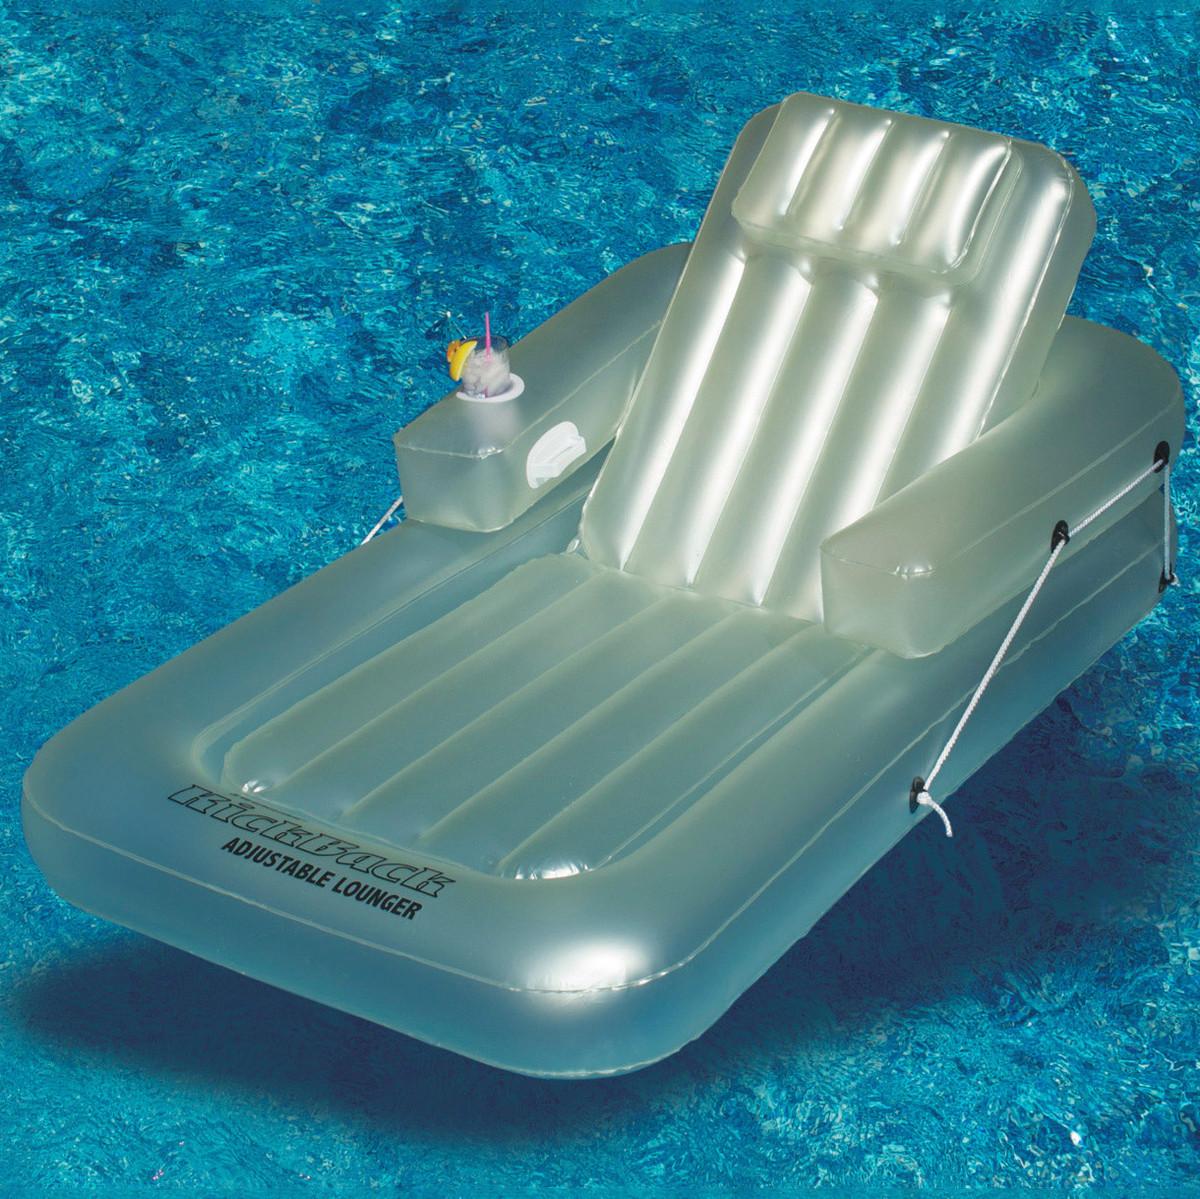 swimline single adjustable lounger inflatable lounges splash super center. Black Bedroom Furniture Sets. Home Design Ideas